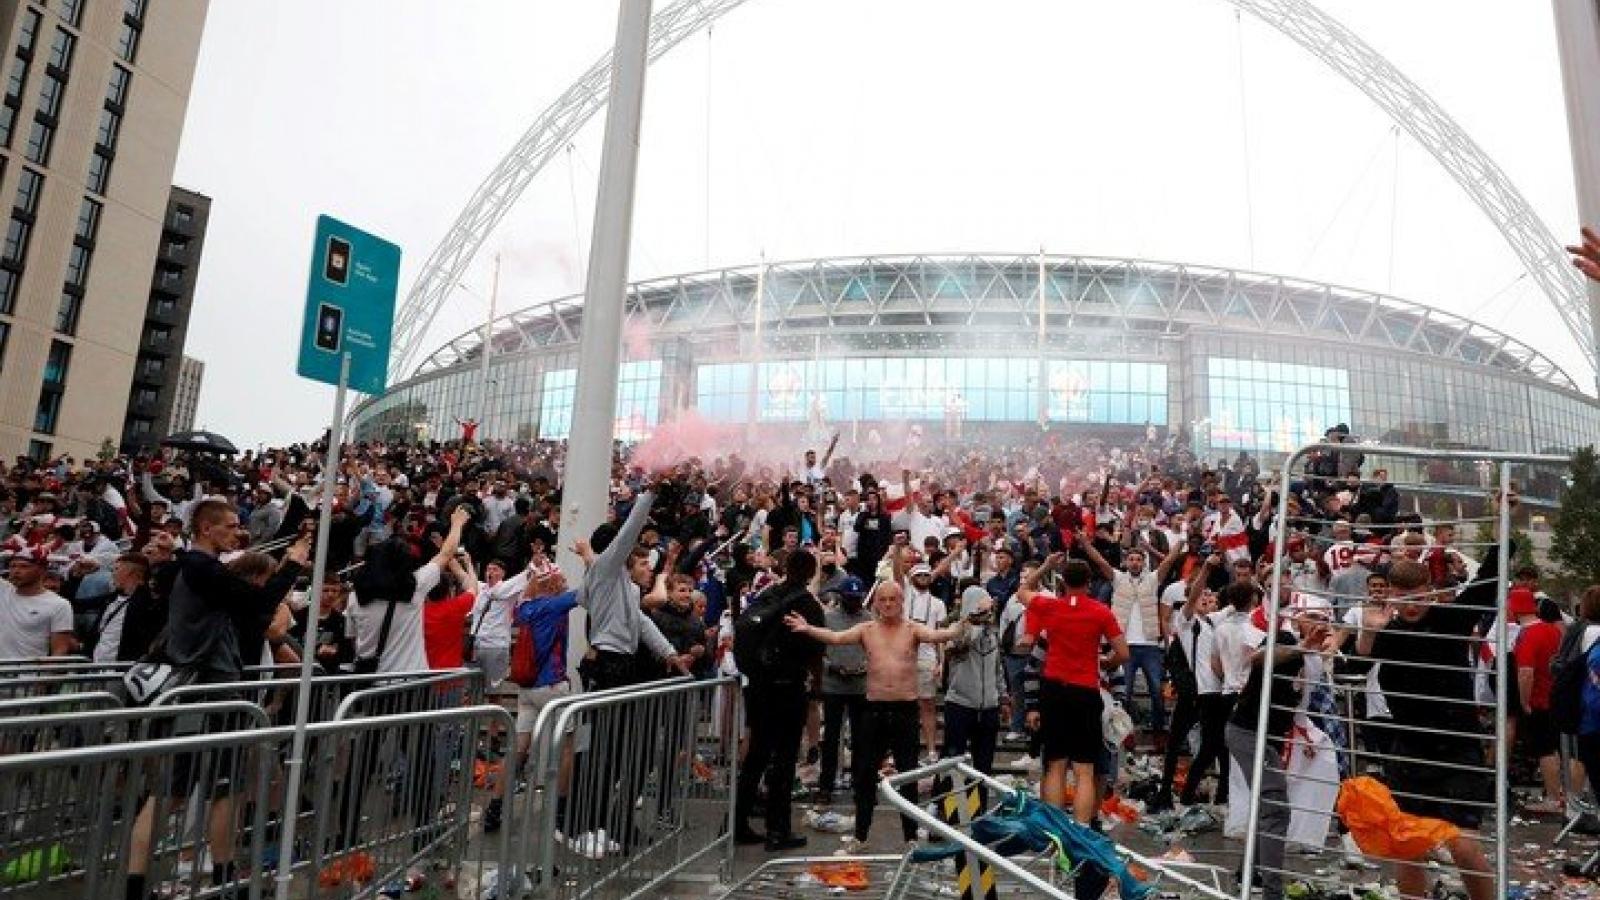 Sân Wembley vẫn được đăng cai chung kết Champions League sau sự cố ở EURO 2021